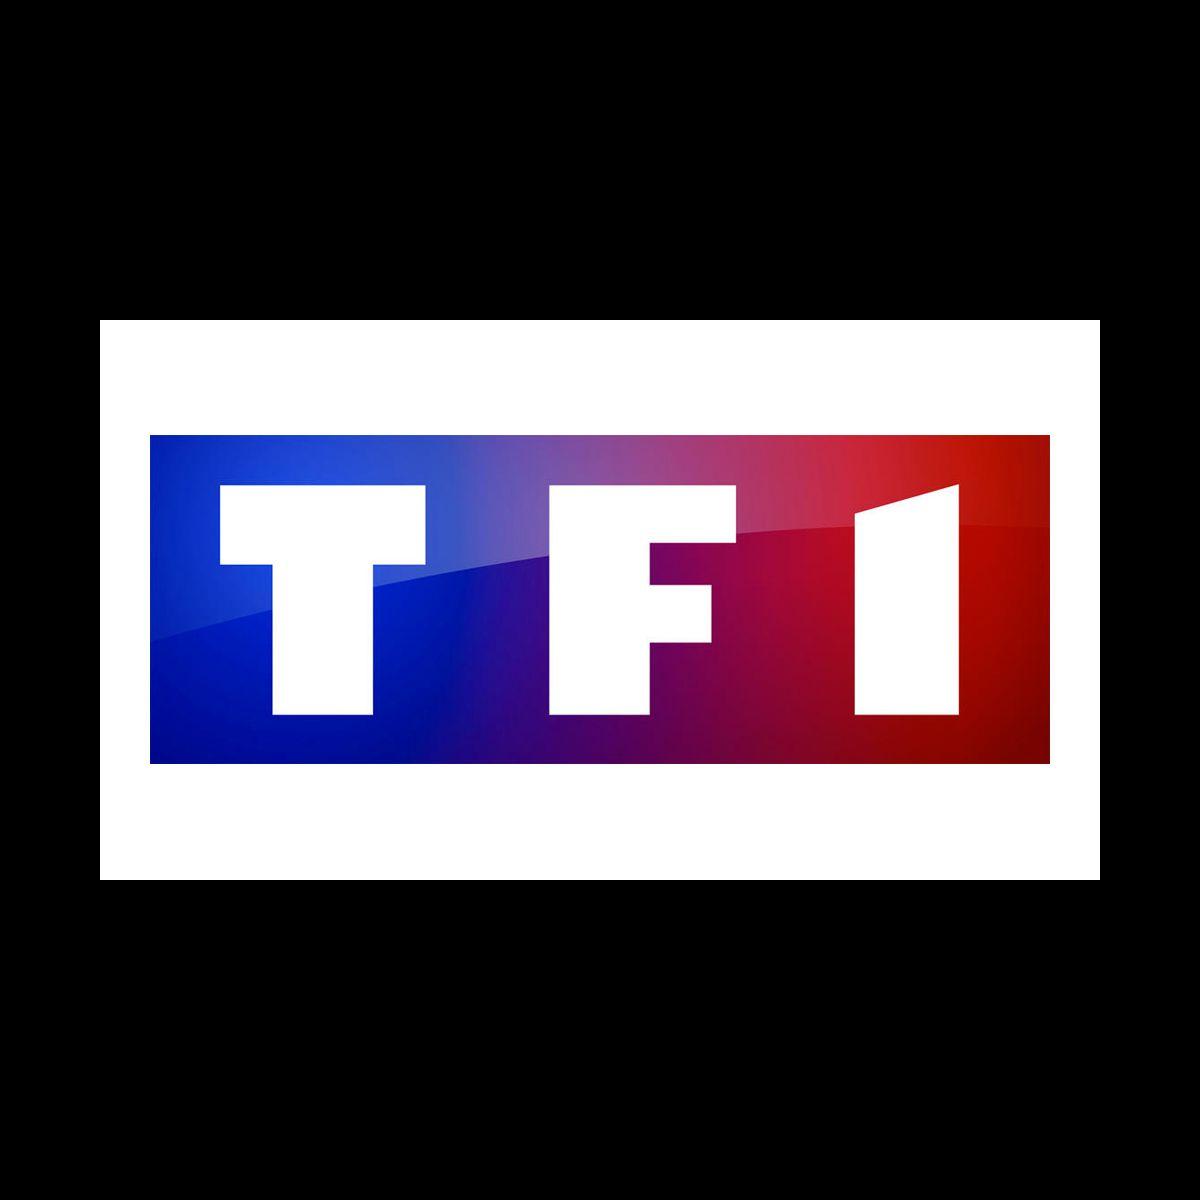 Tf1 ferme son bureau de londres cet t puremedias for Bureau qui ferme